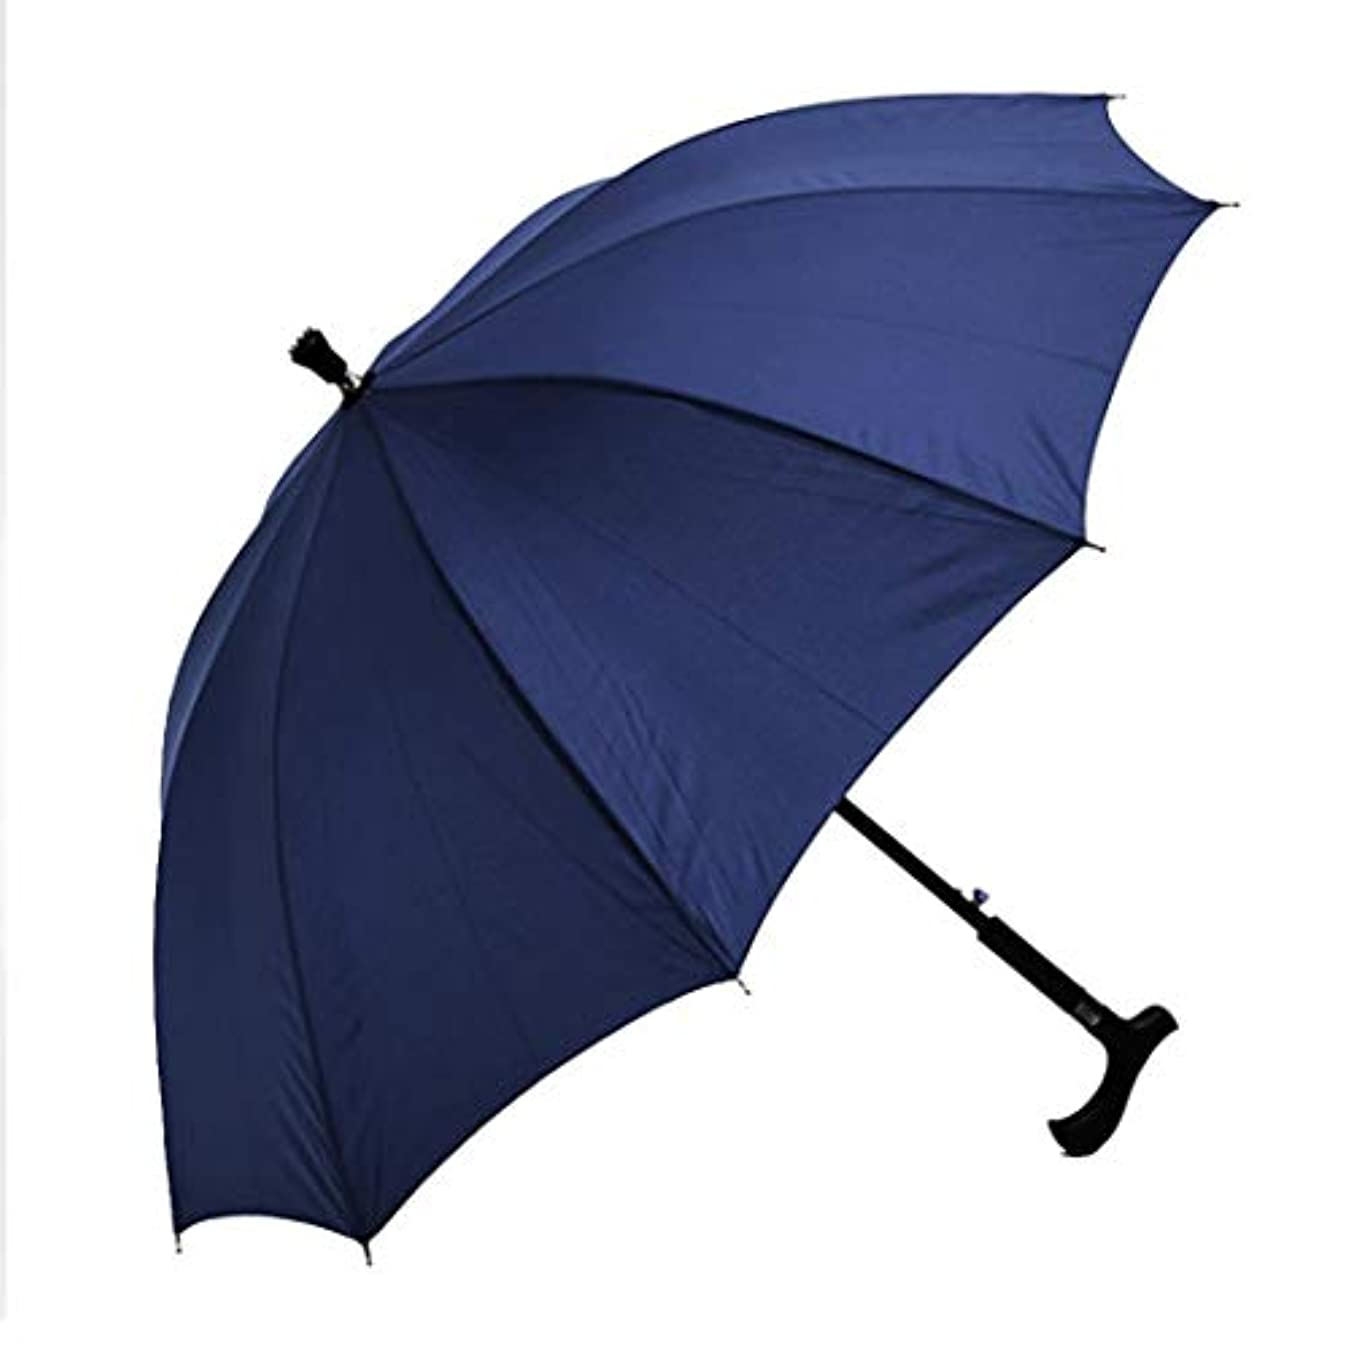 反論恵みナビゲーションcomentrisyz 2-in-1 クライミング ハイキング スティック 松葉杖 防風雨 サン 傘 - ブルー